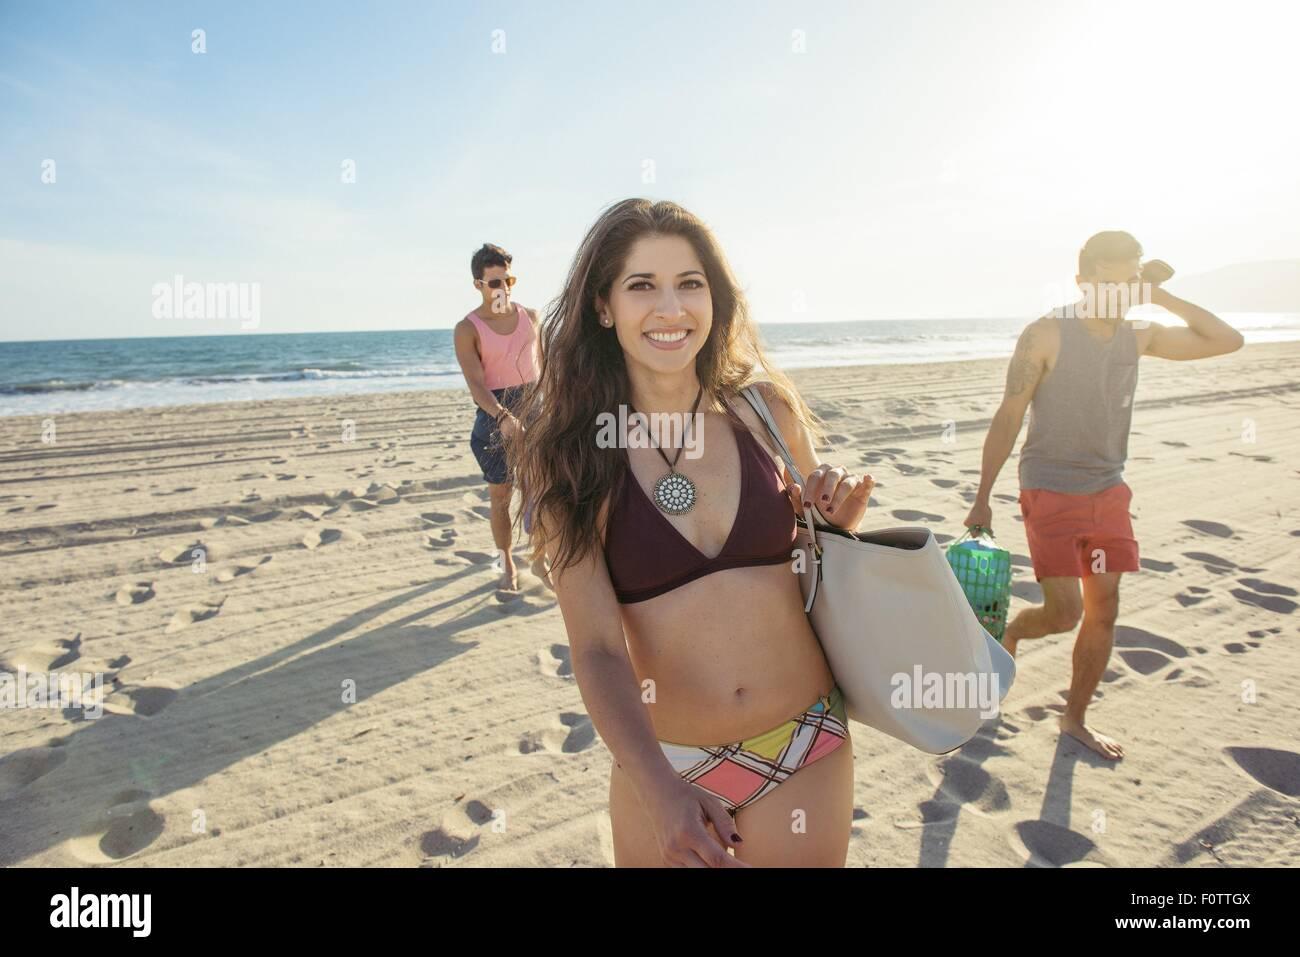 Gruppo di amici a piedi sulla spiaggia Immagini Stock